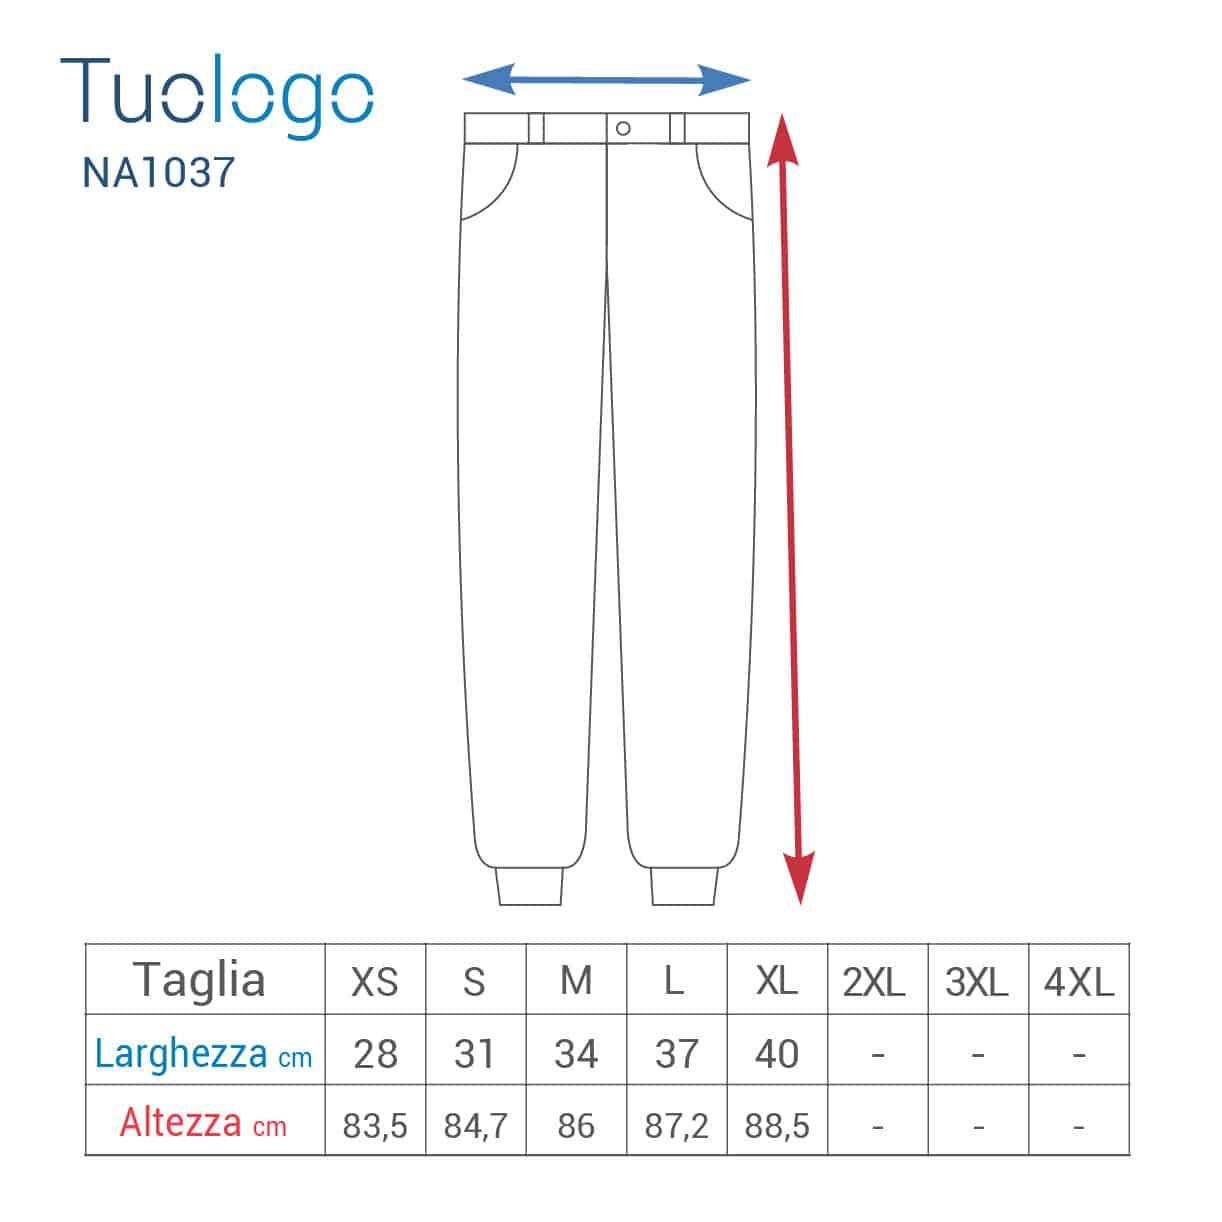 Tabella taglia altezza e larghezza